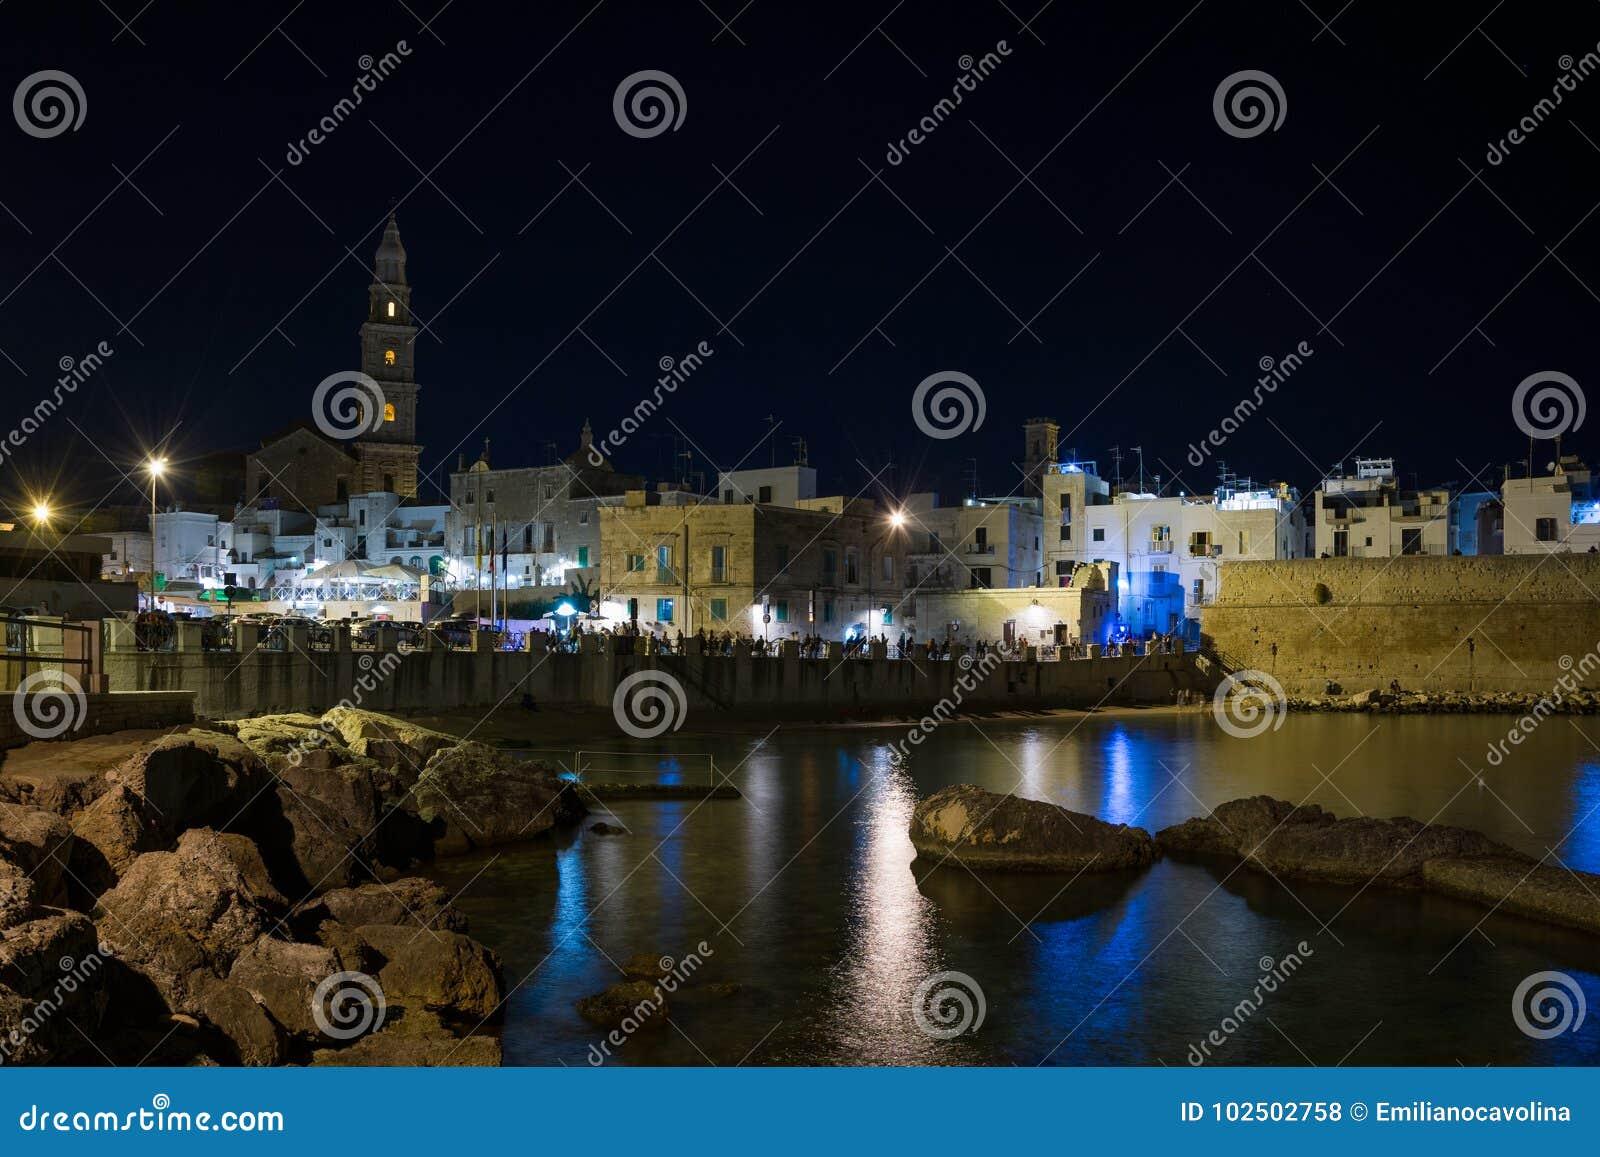 Panoramic nightview of Monopoli